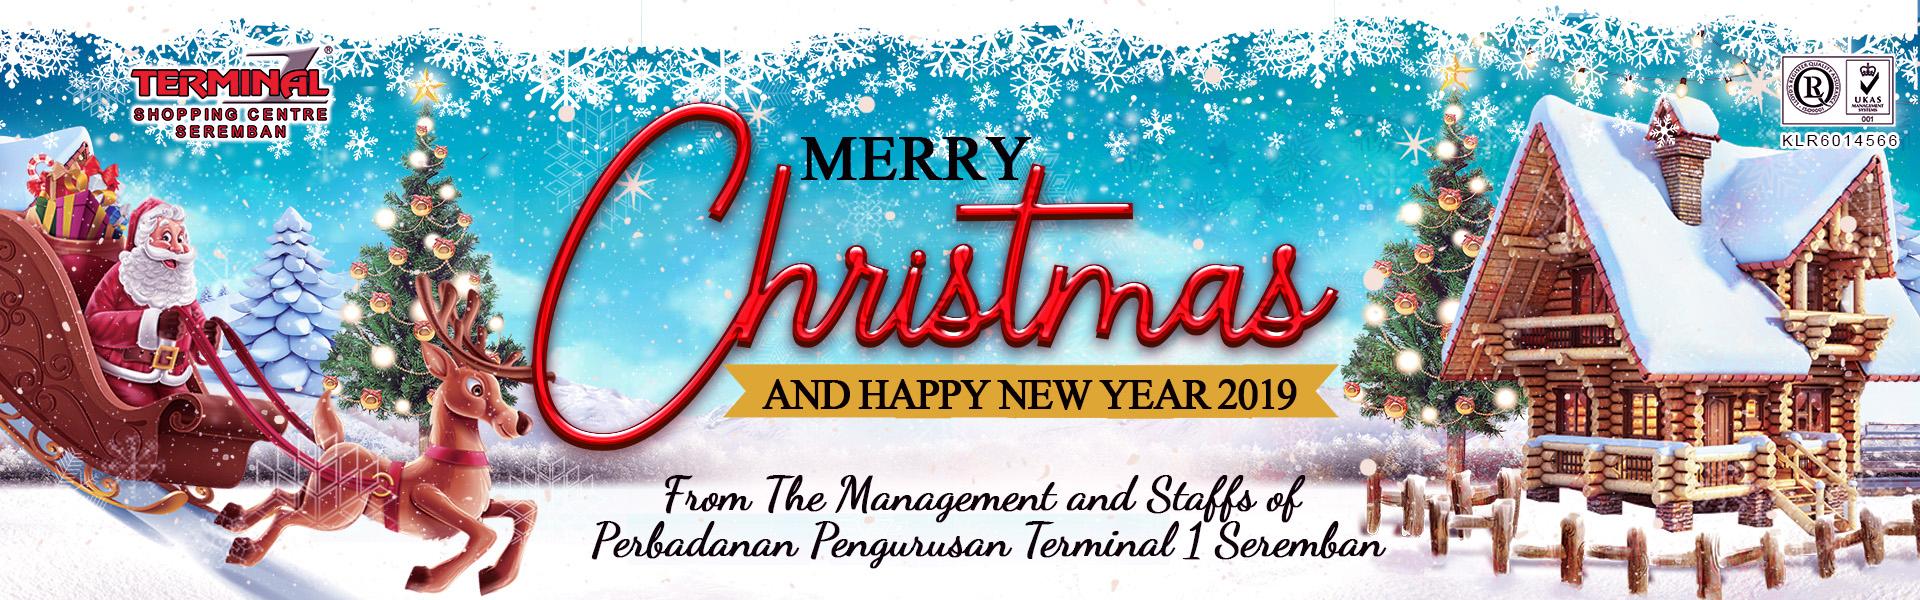 Terminal1sbn-Christmas-2018